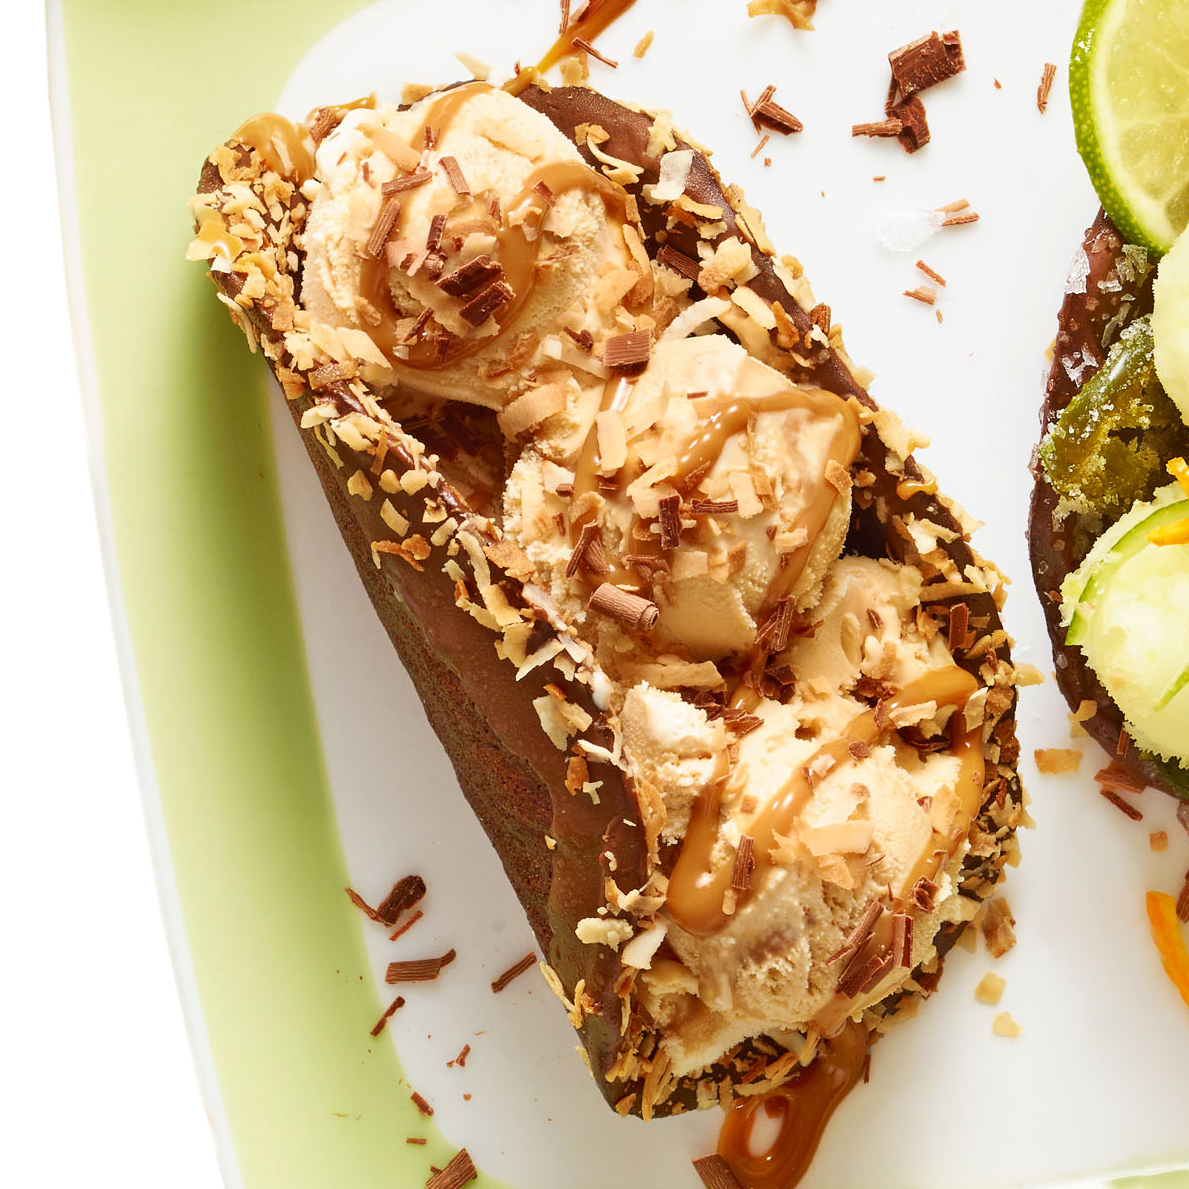 Dulce de Leche Ice Cream Taco